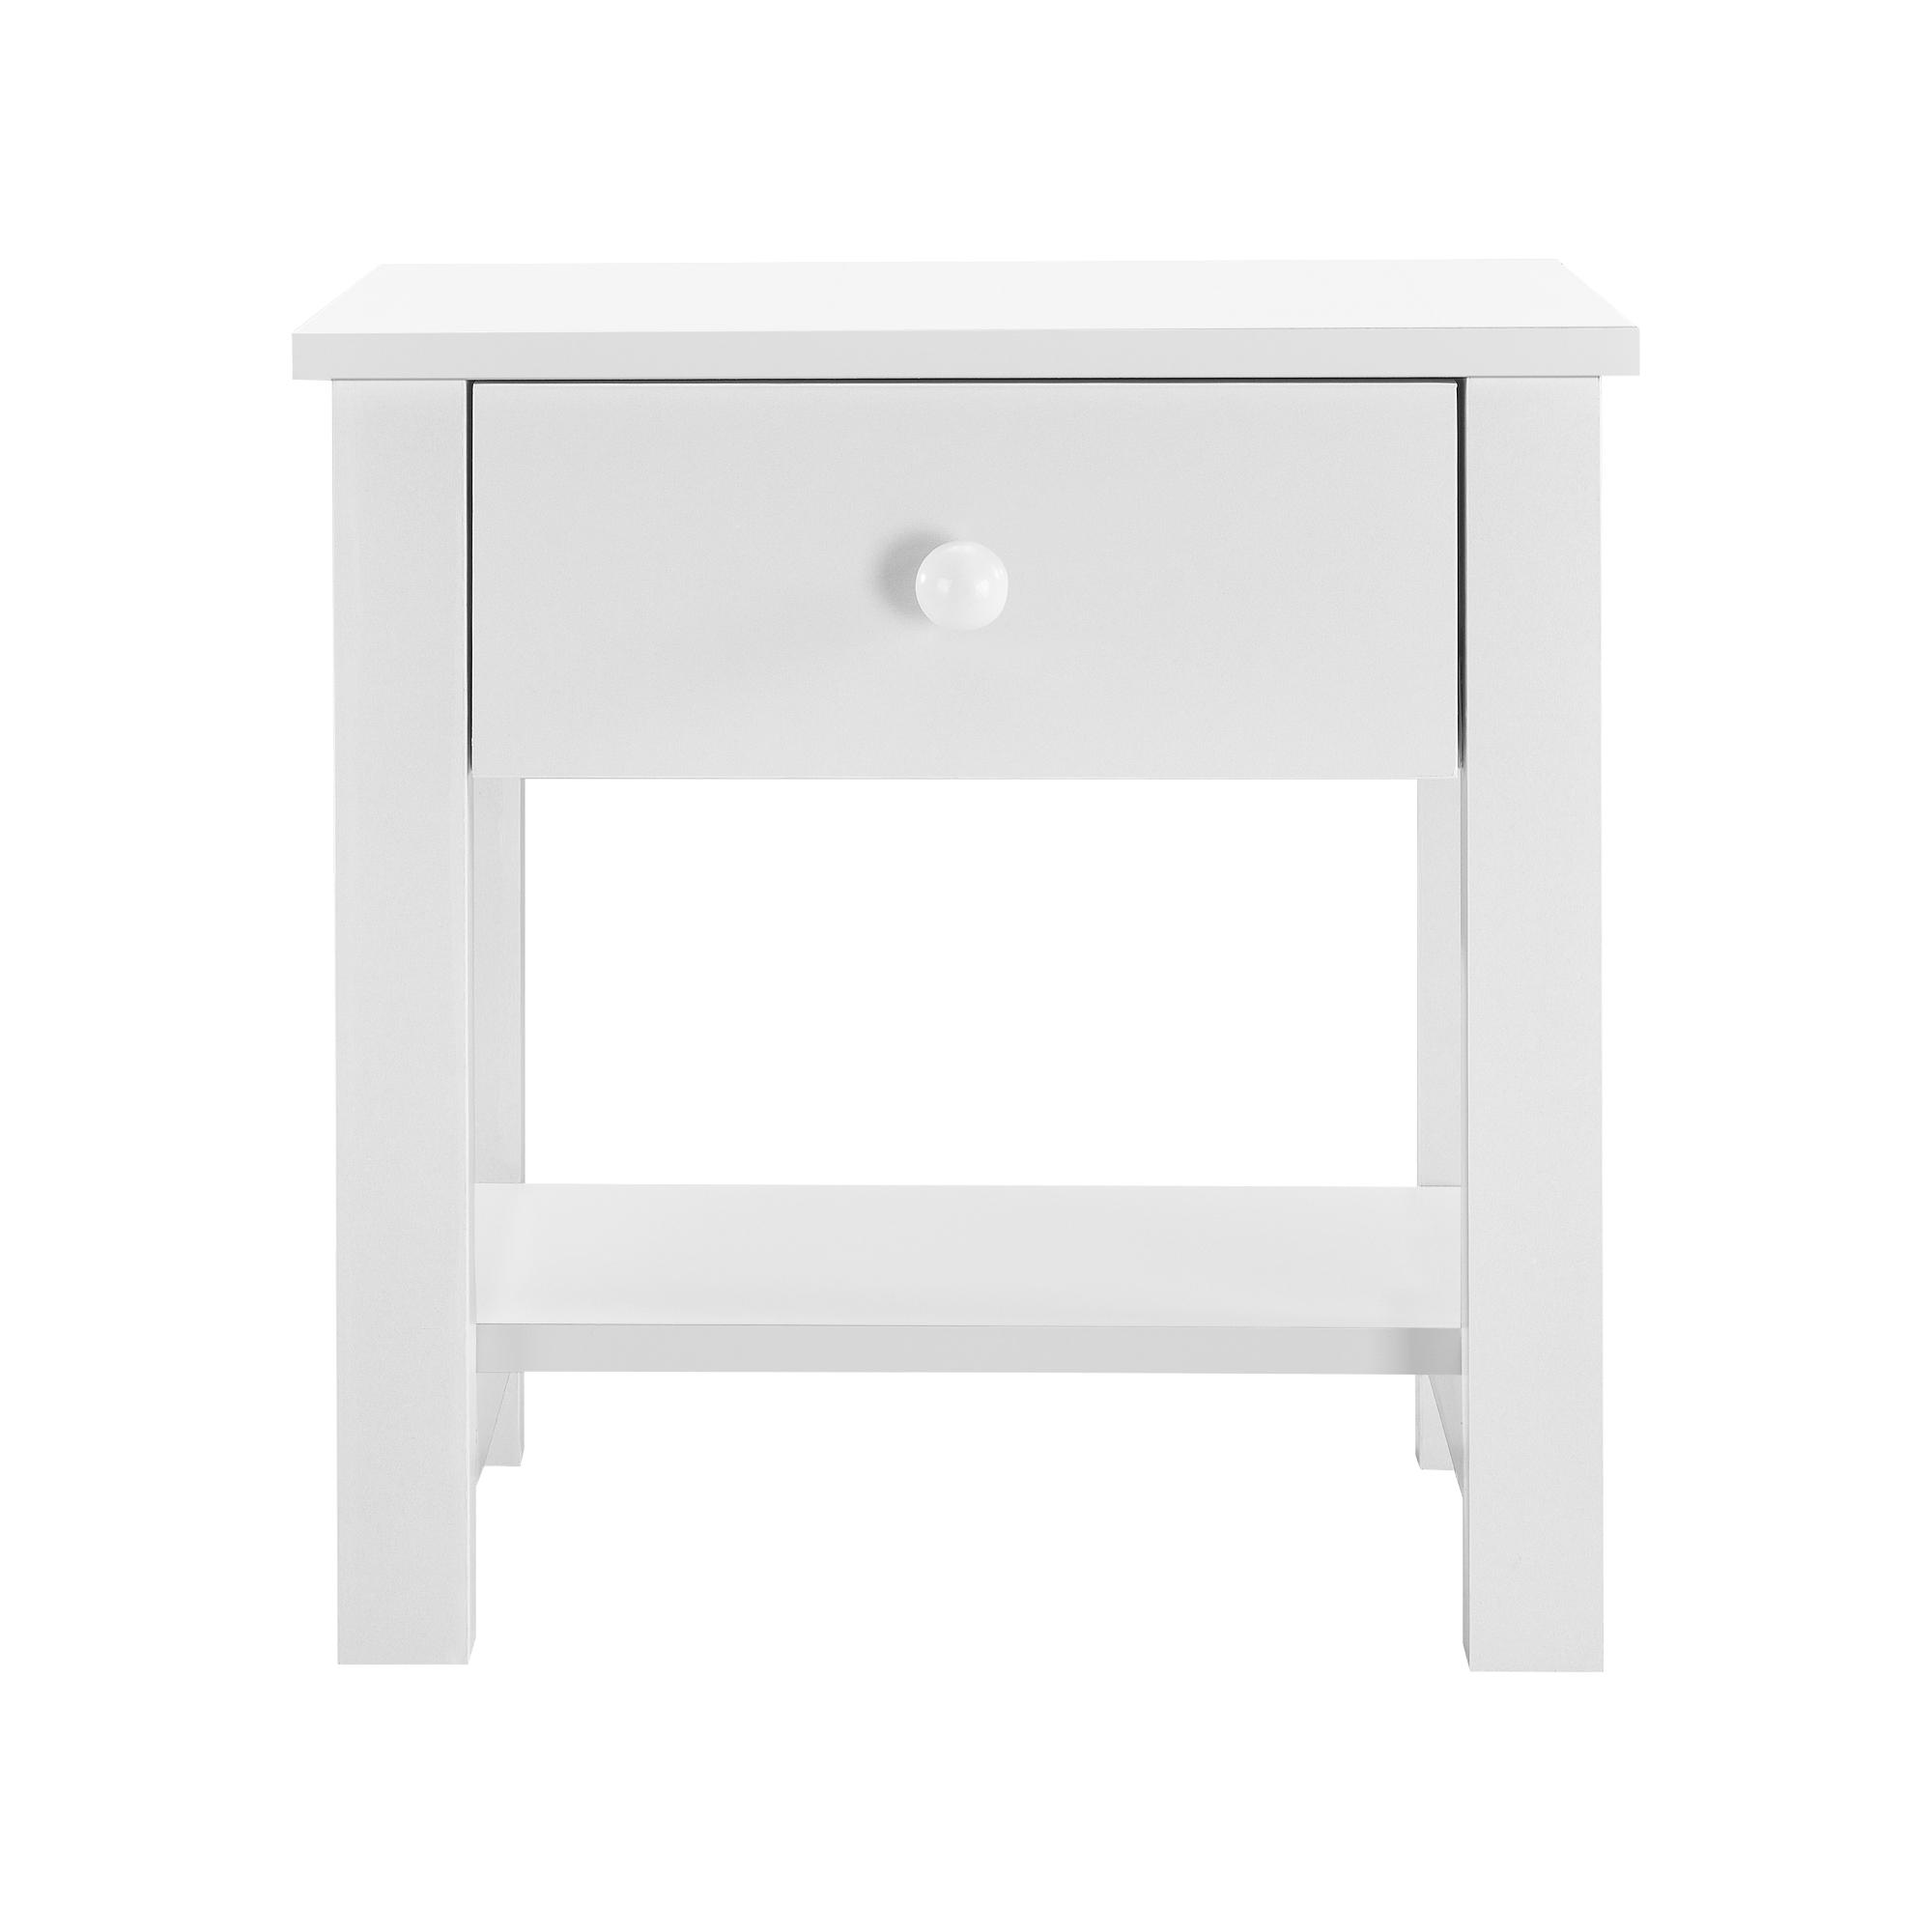 Details Sur En Casa Table De Chevet Table De Nuit Mdf 40x29 7x41 5cm Avec 1 Tiroir Blanc